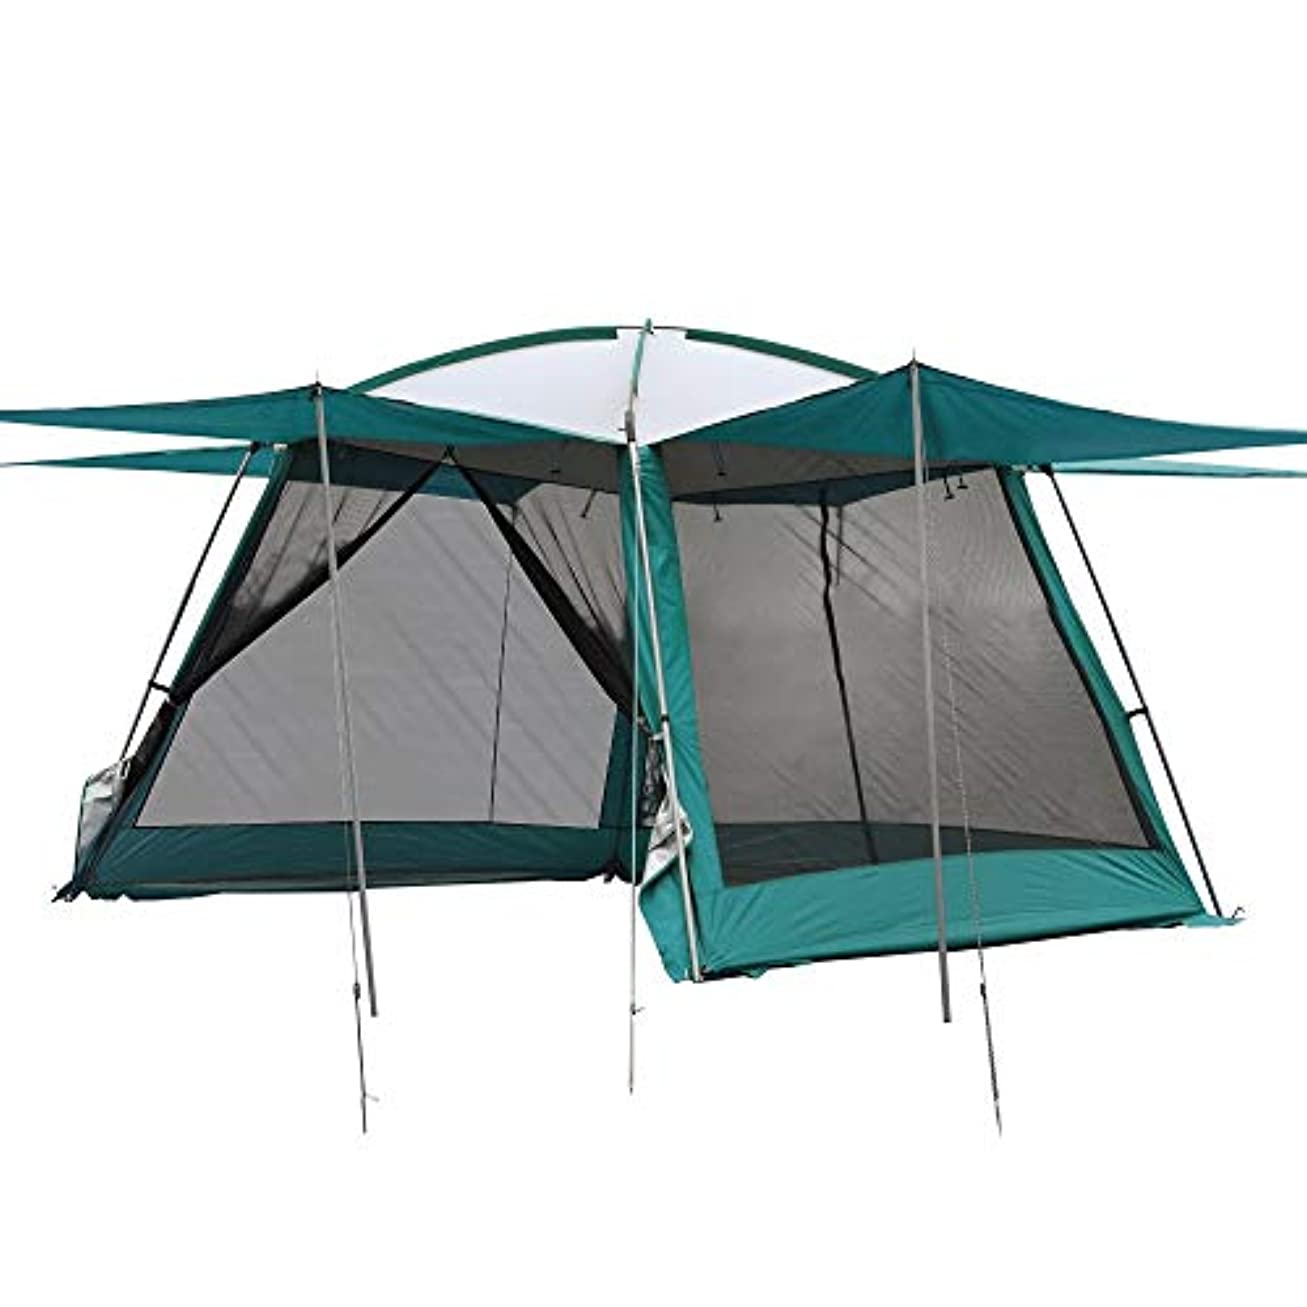 吸収剤抗生物質ささいなZMAYA STAR スクリーンテント メッシュスクリーン 蚊帳 キャンプ バーベキュー 3*3*2.2m 全3色 シェード 防虫メッシュ 虫除け 耐水加工 UVカット加工 通気性 アウトドア タープテント メッシュテント スクリーン一体型 収納袋付き 重量8kg ZM-AD249